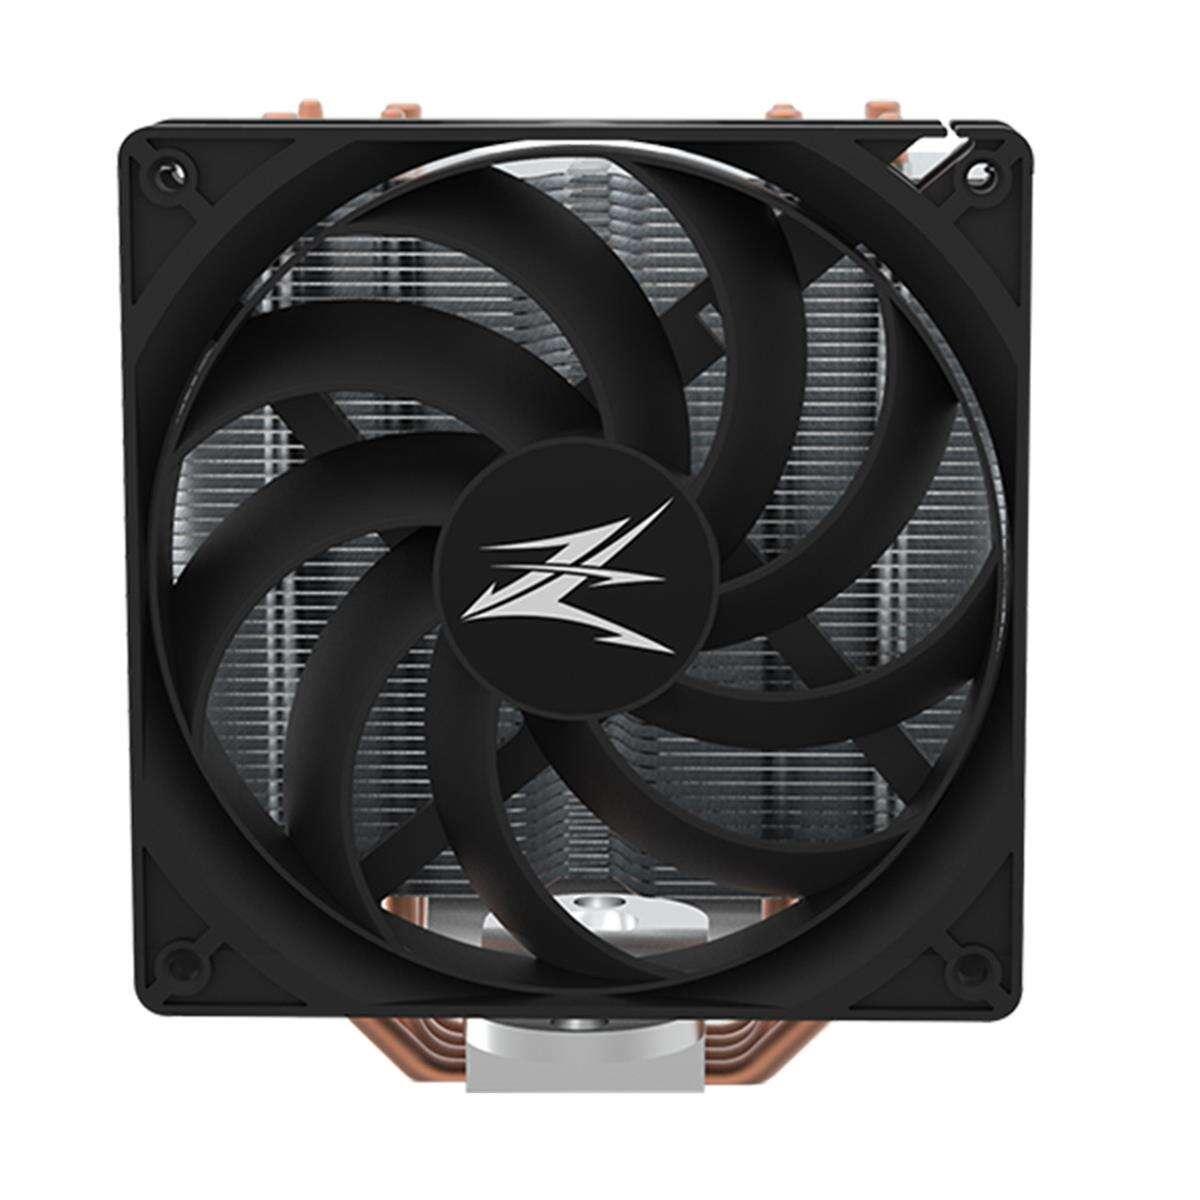 Zalman CNPS10X Performa ST, czyli nowe chłodzenie dla procesora